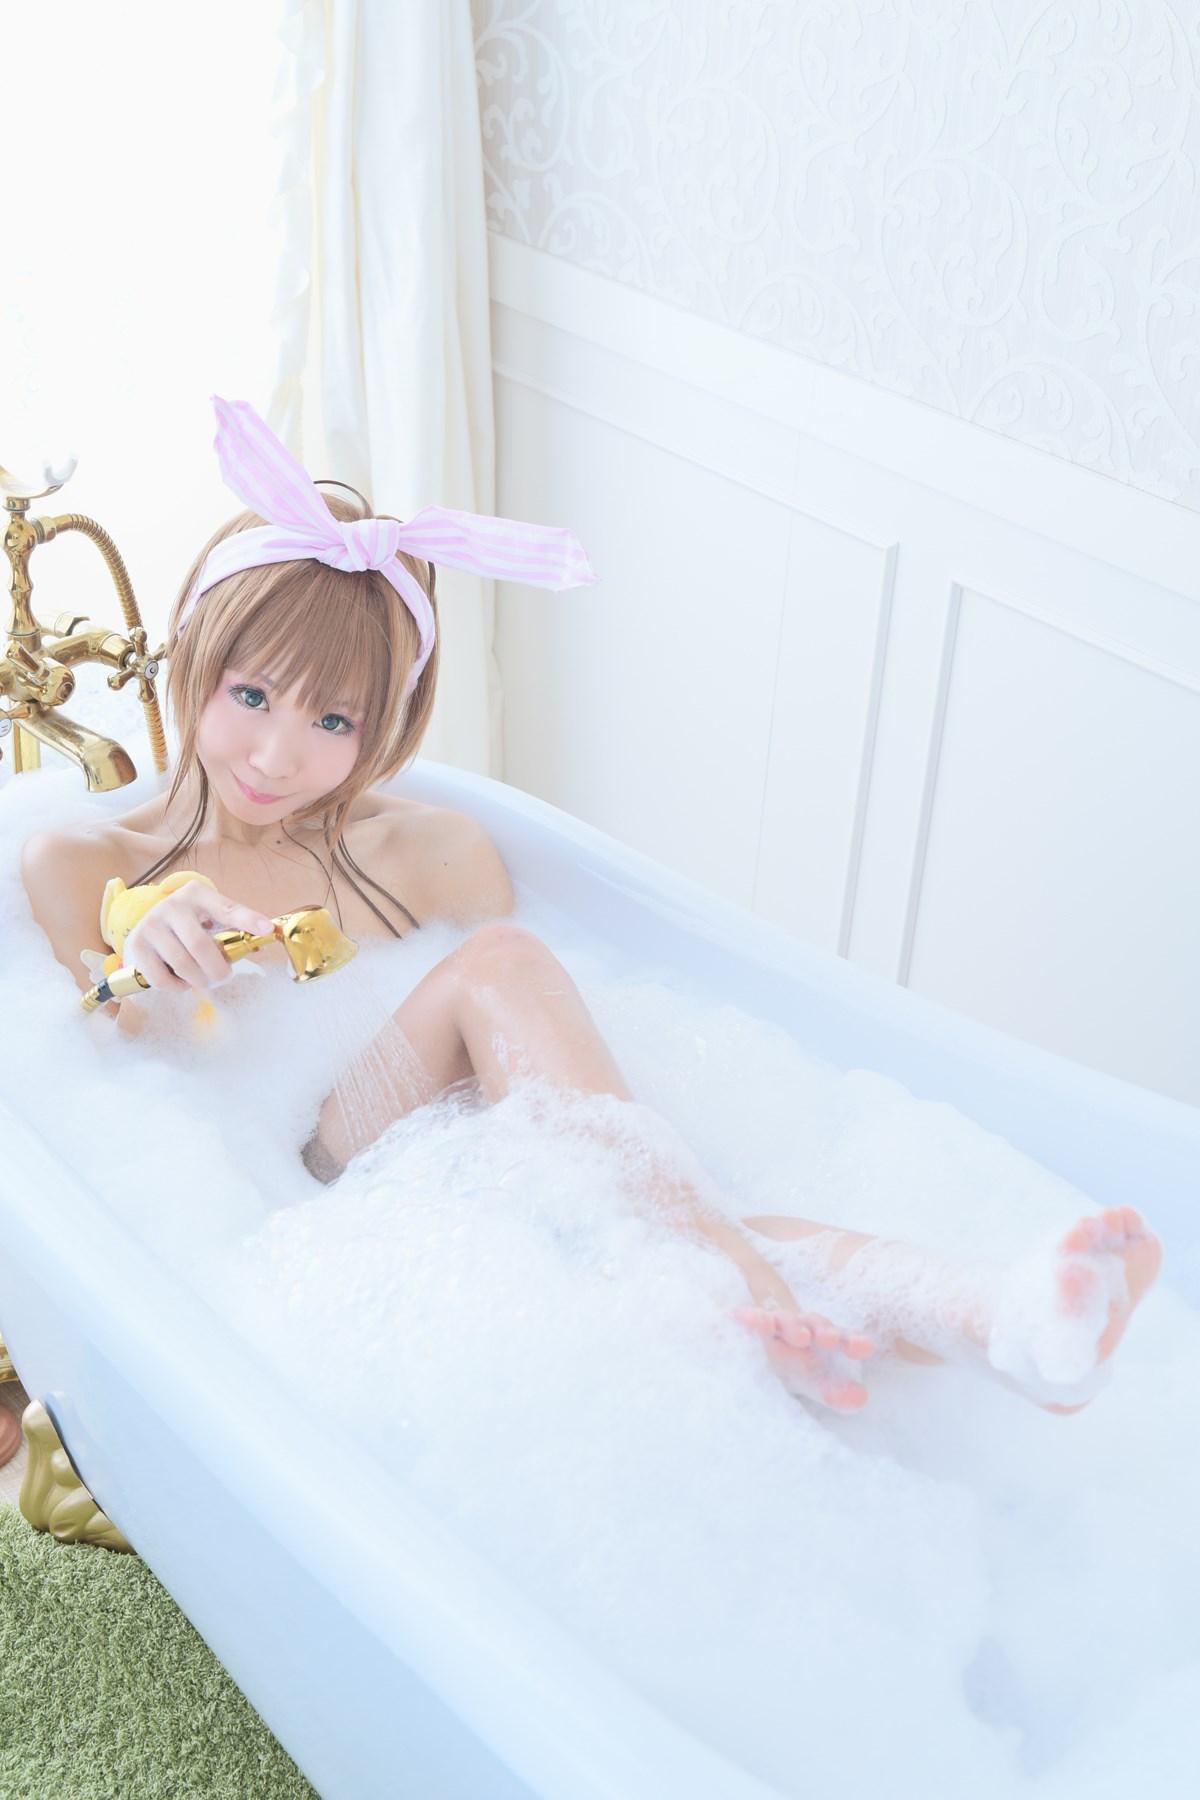 魔法少女小樱(11P)